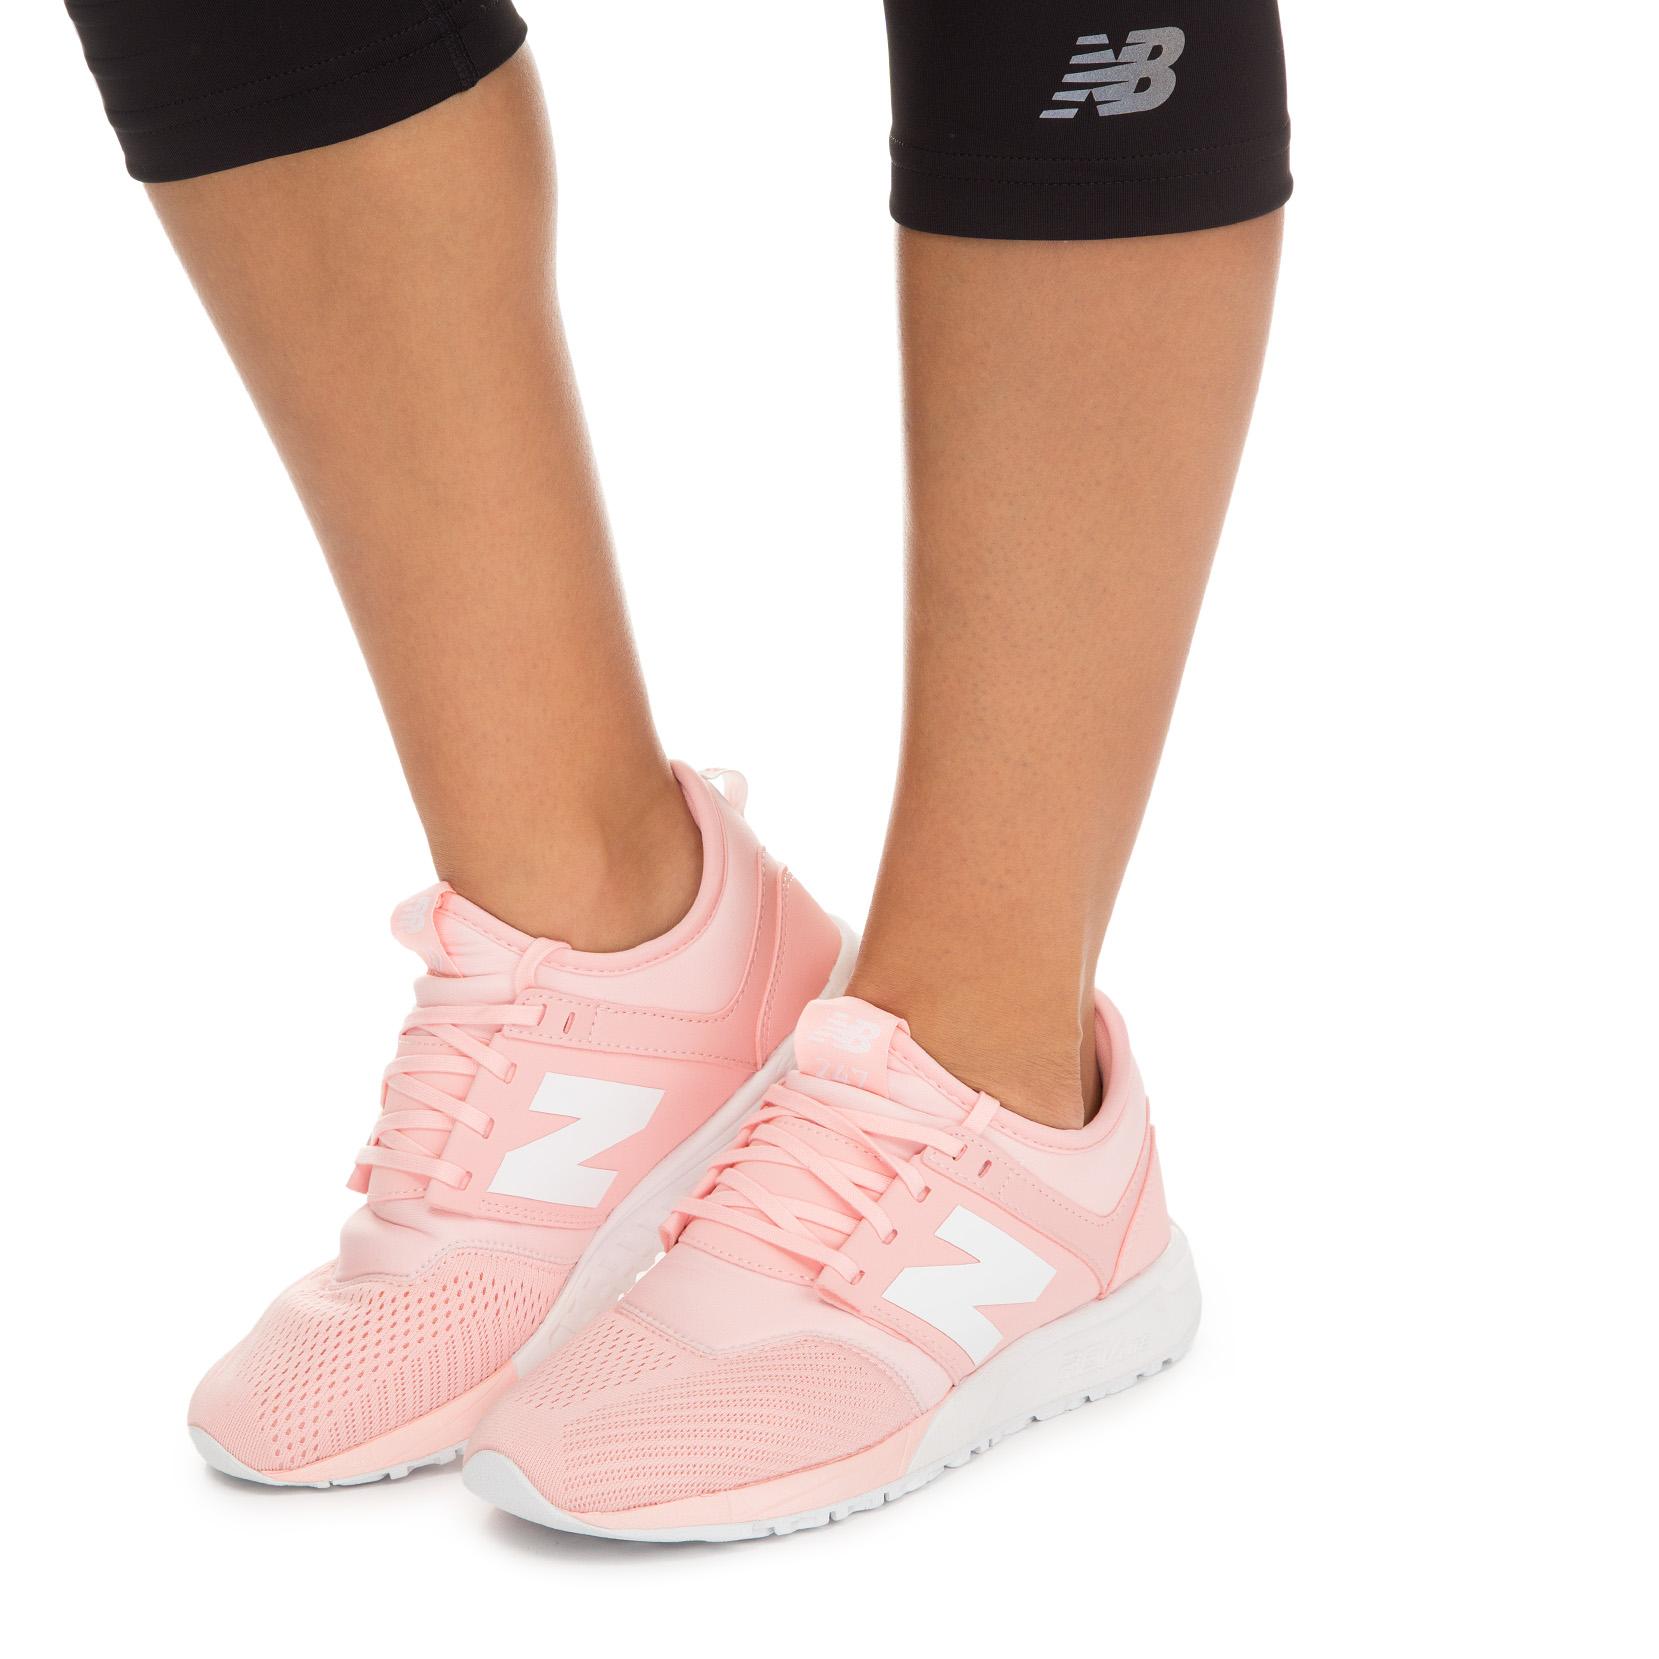 Жіноче взуття повсякденне New Balance 247v1 WRL247EM | New Balance